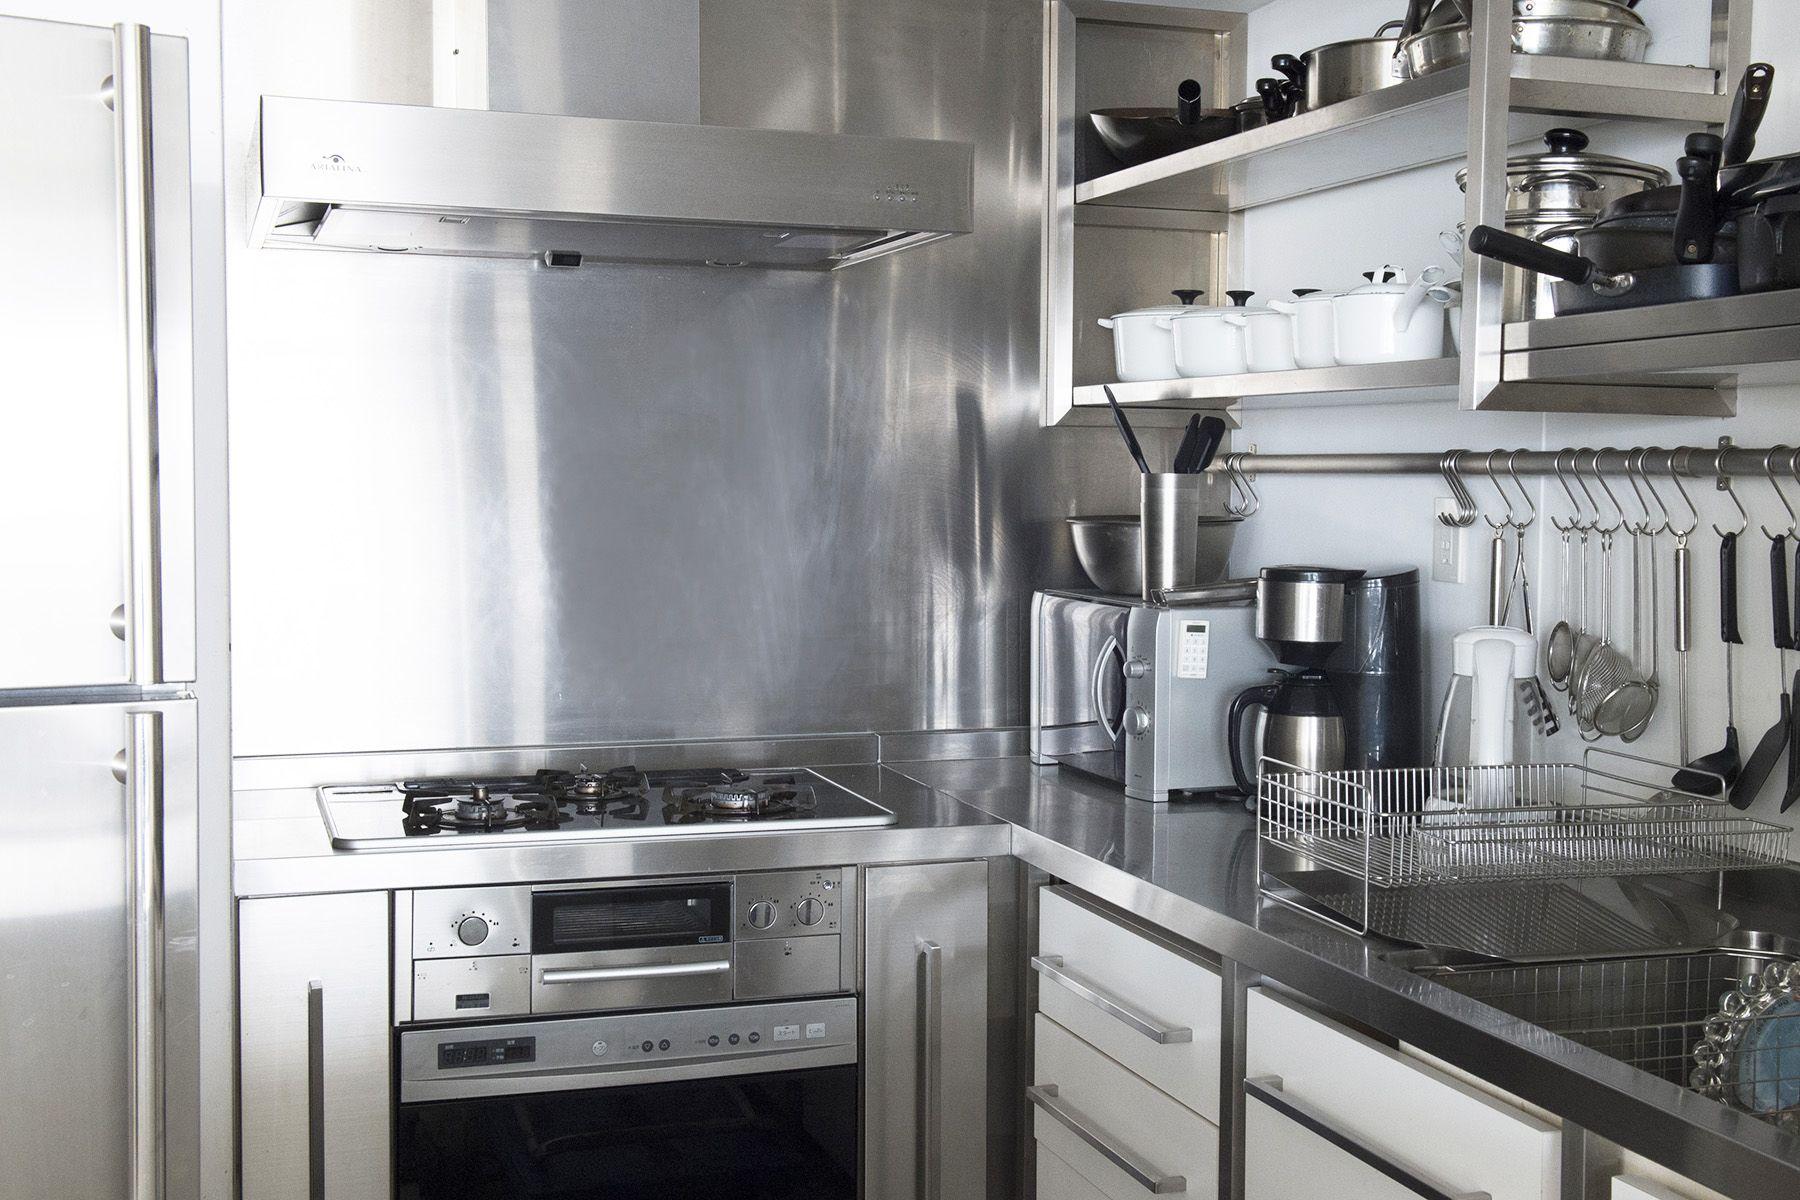 ARISSA STUDIO(アリッサスタジオ)システムキッチン